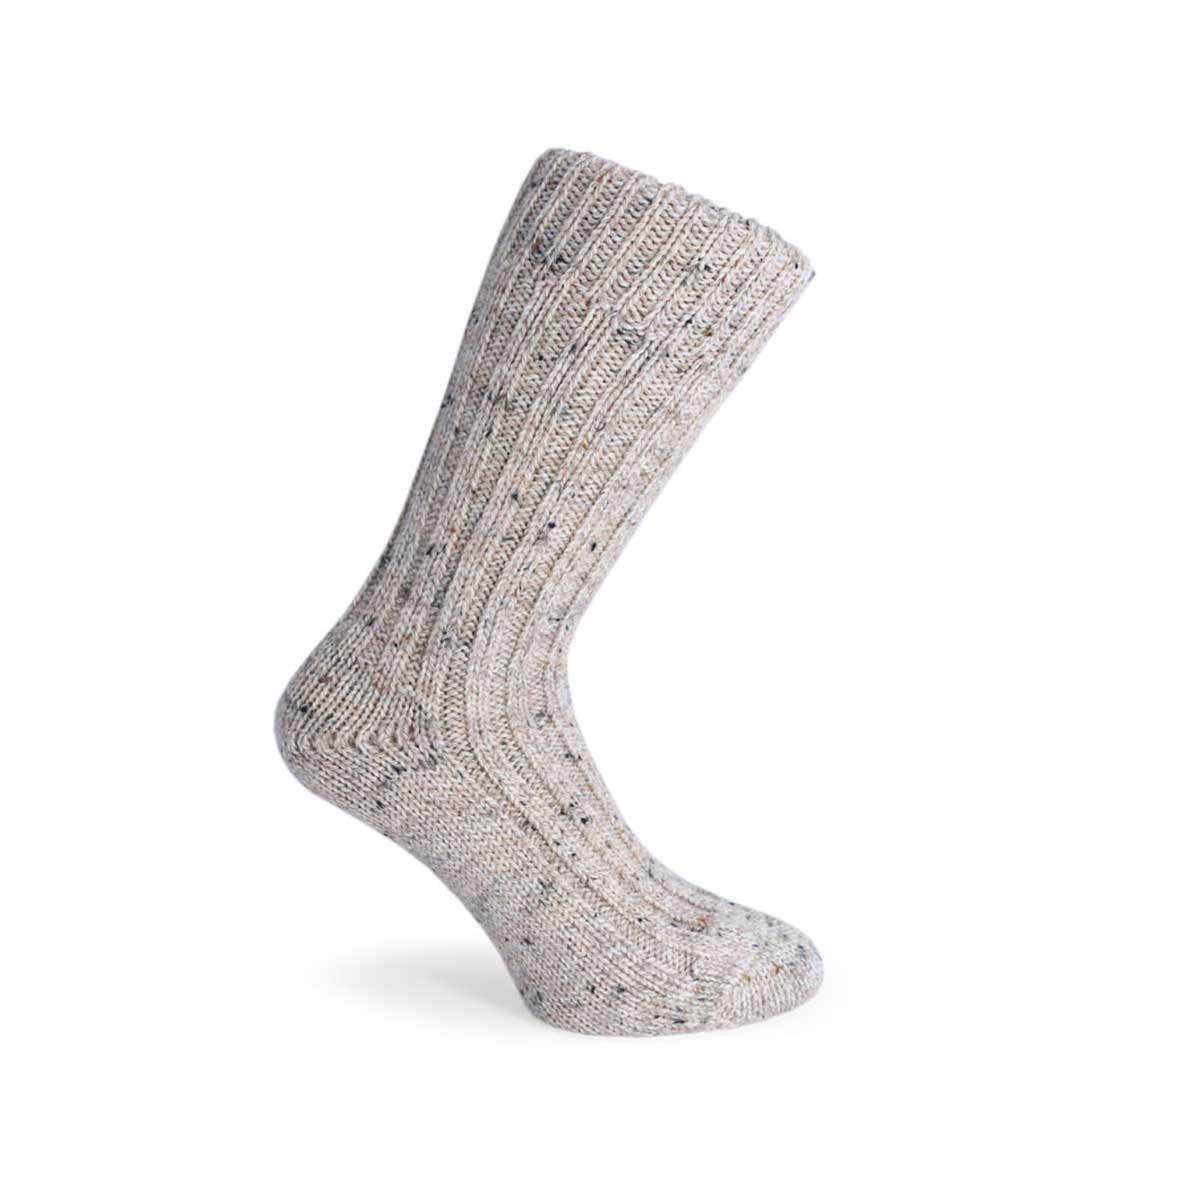 Woven wool socks